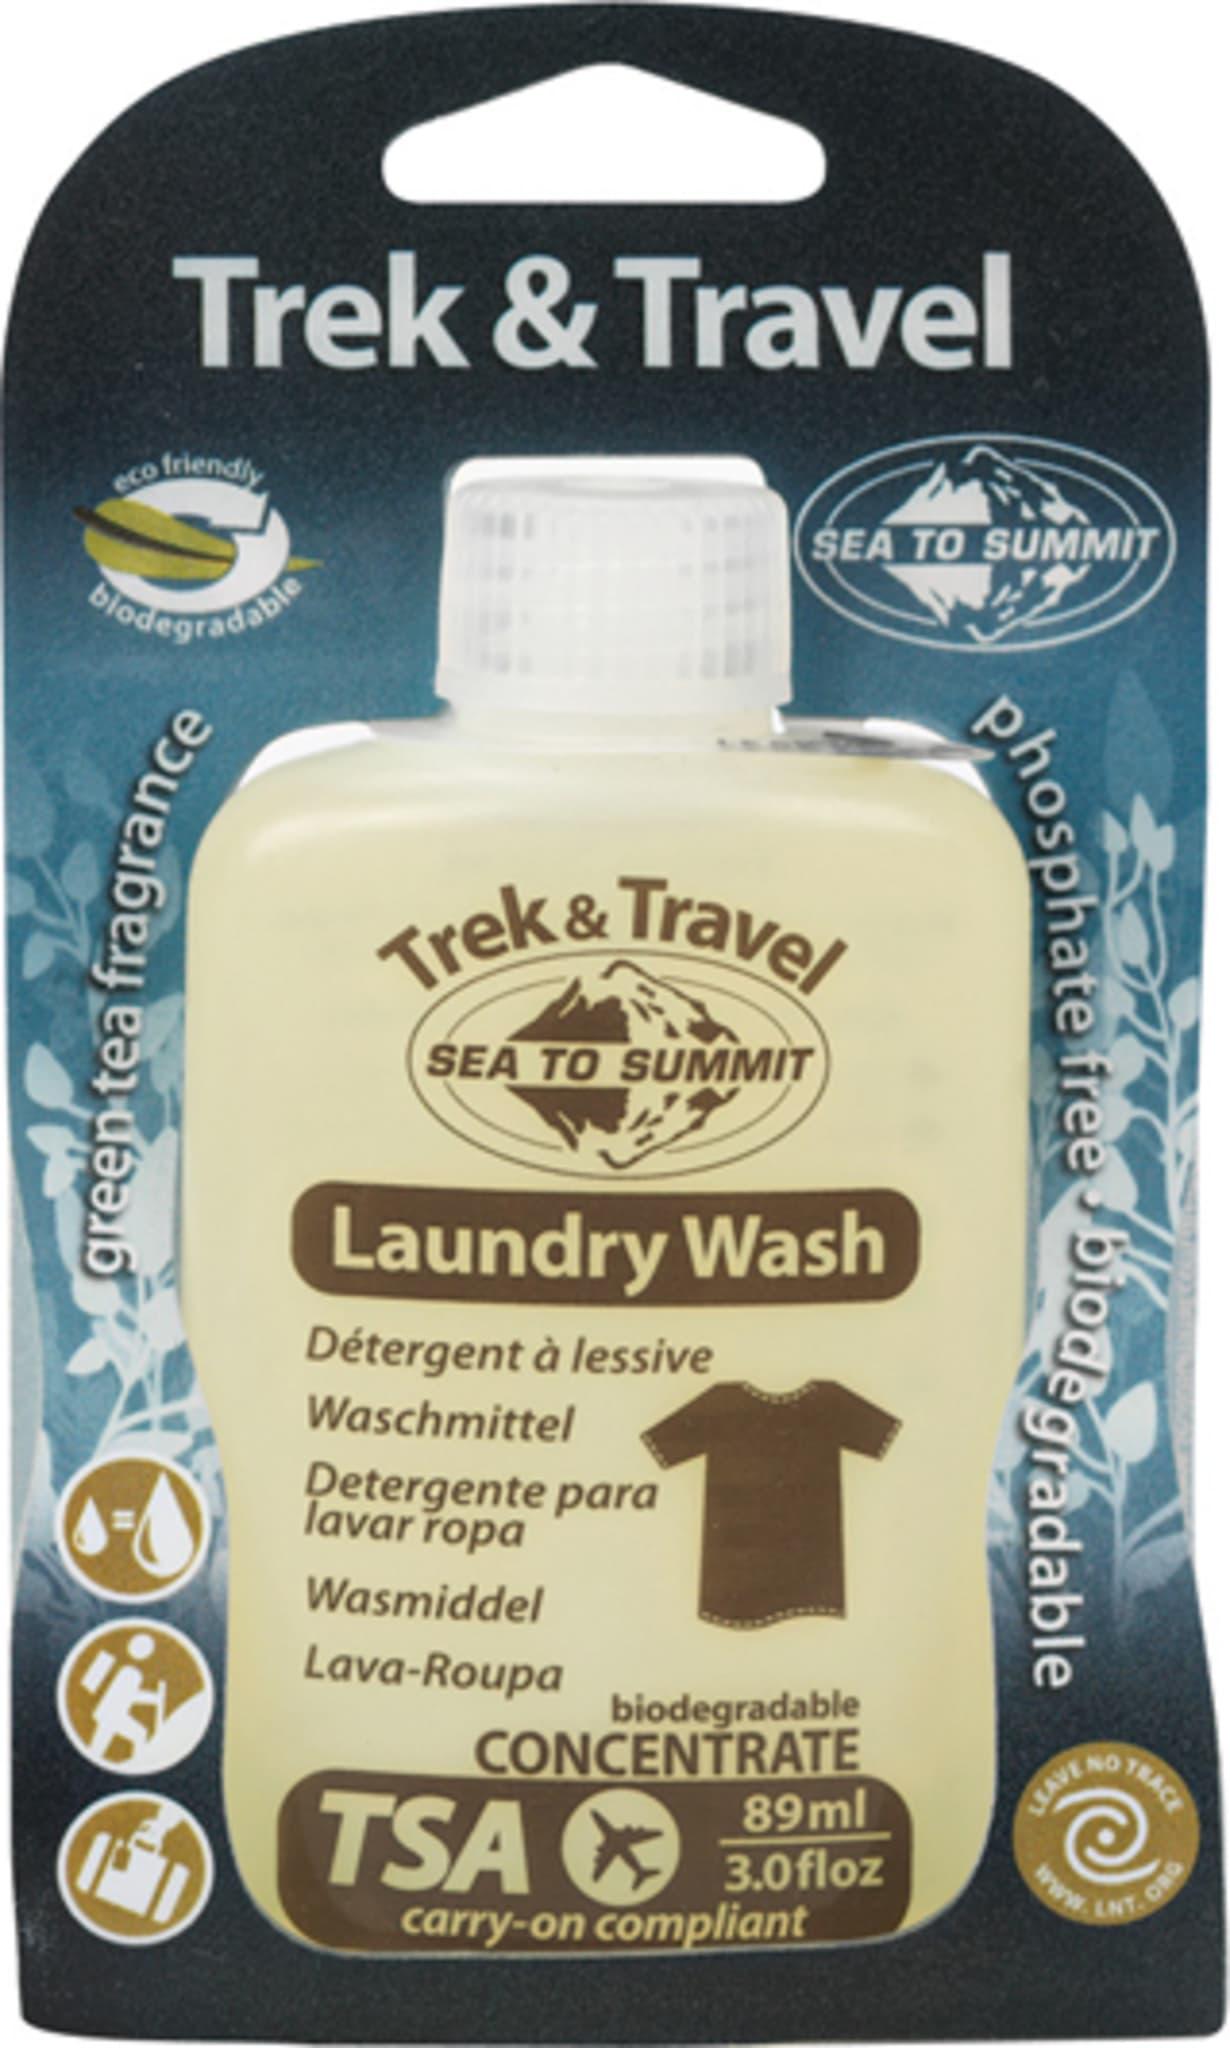 Mildt vaskemiddel for reise og tur